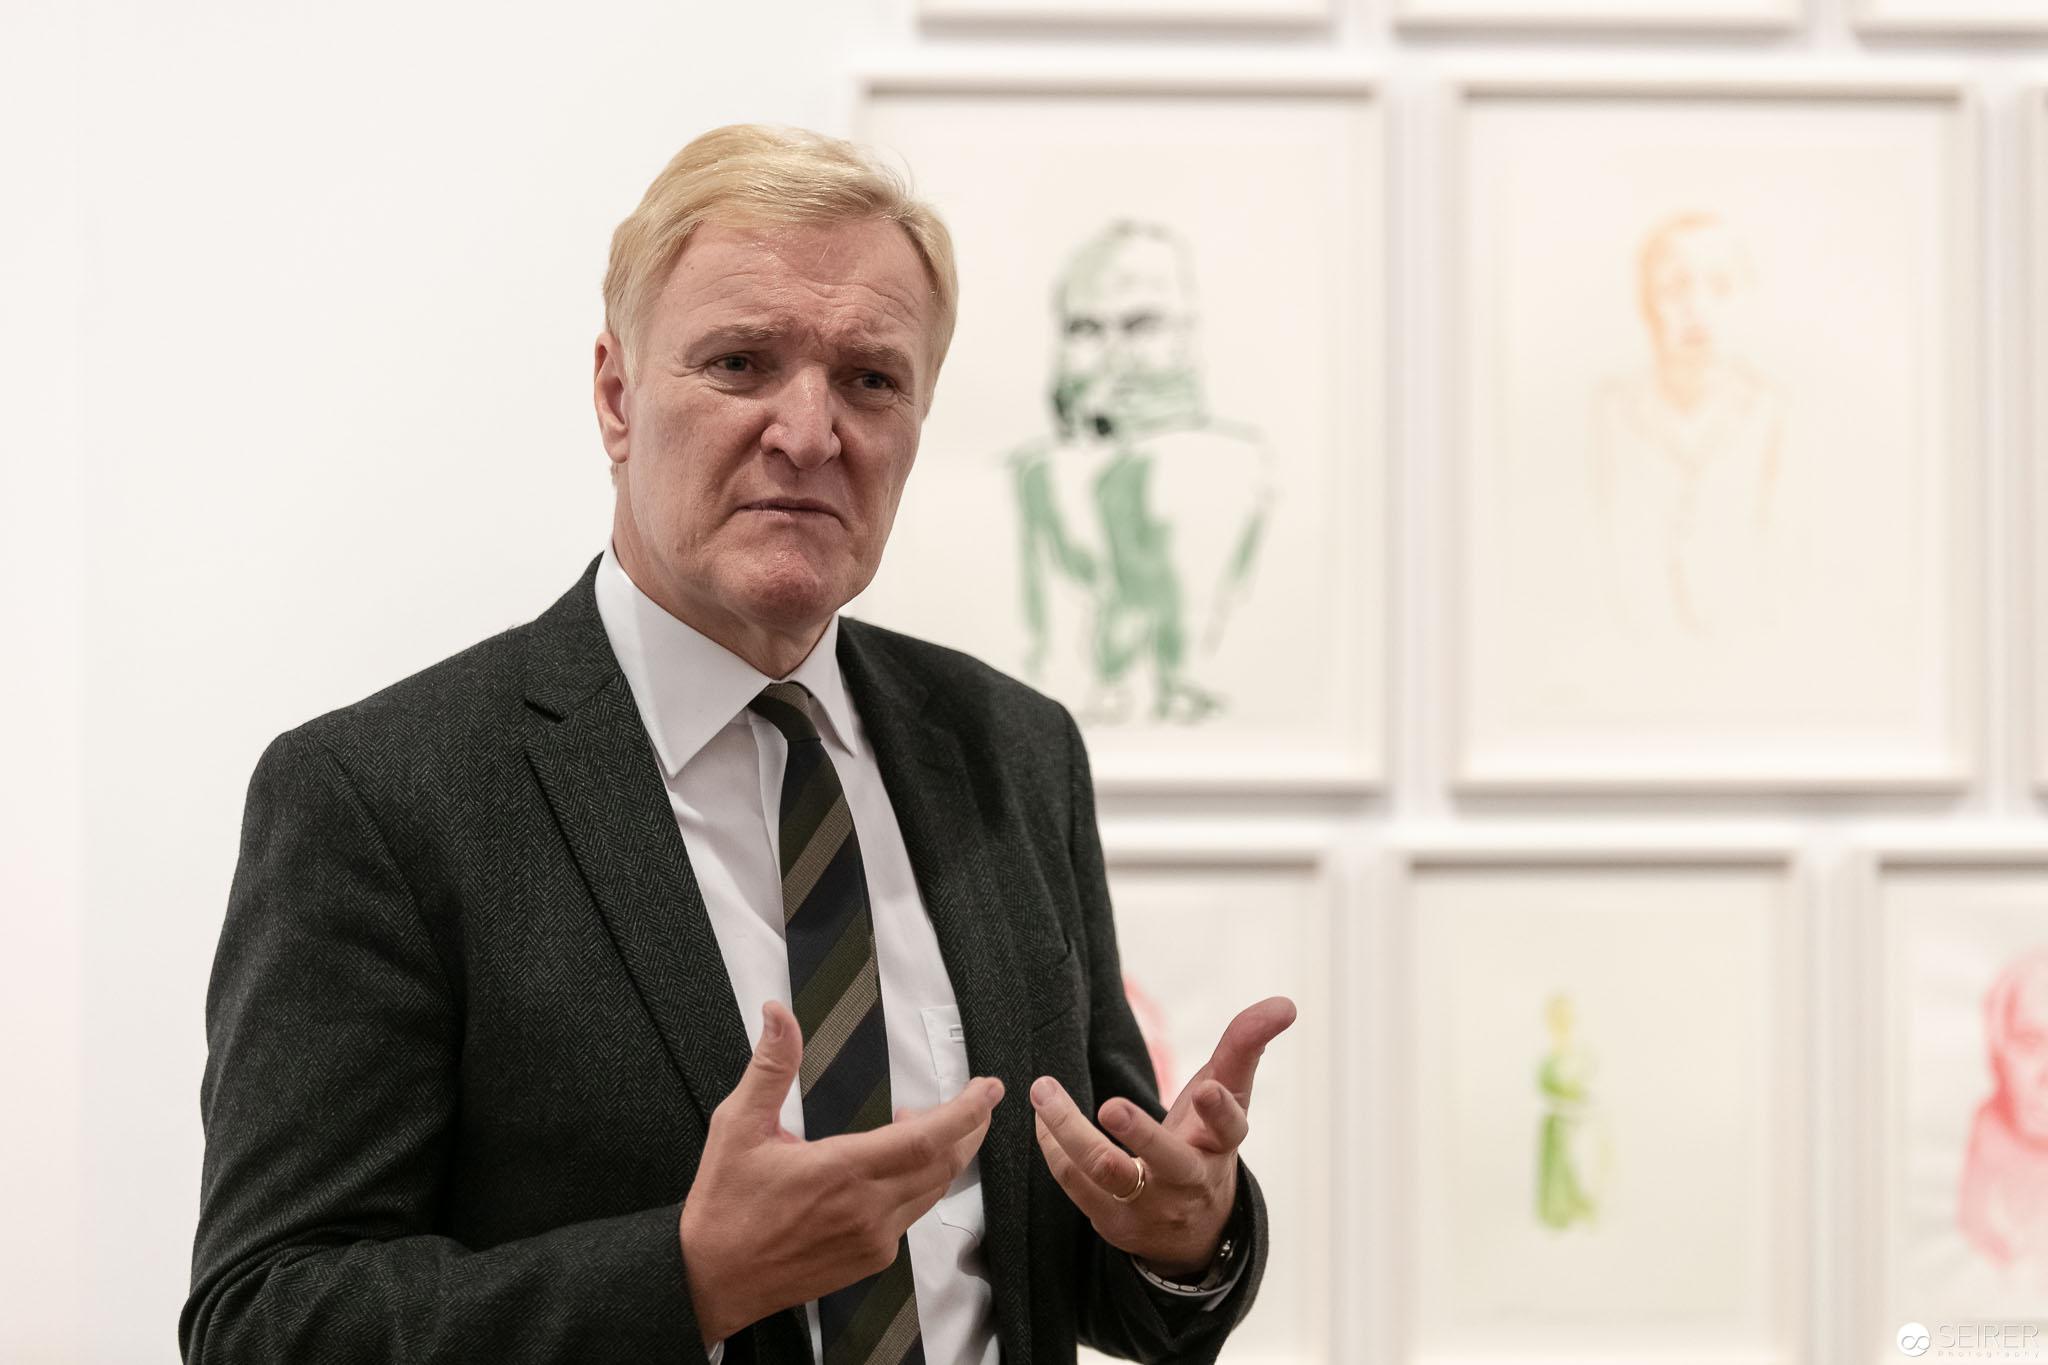 Klaus Albrecht Schröder mit Werken von Erwin Wurm im Hintergrund